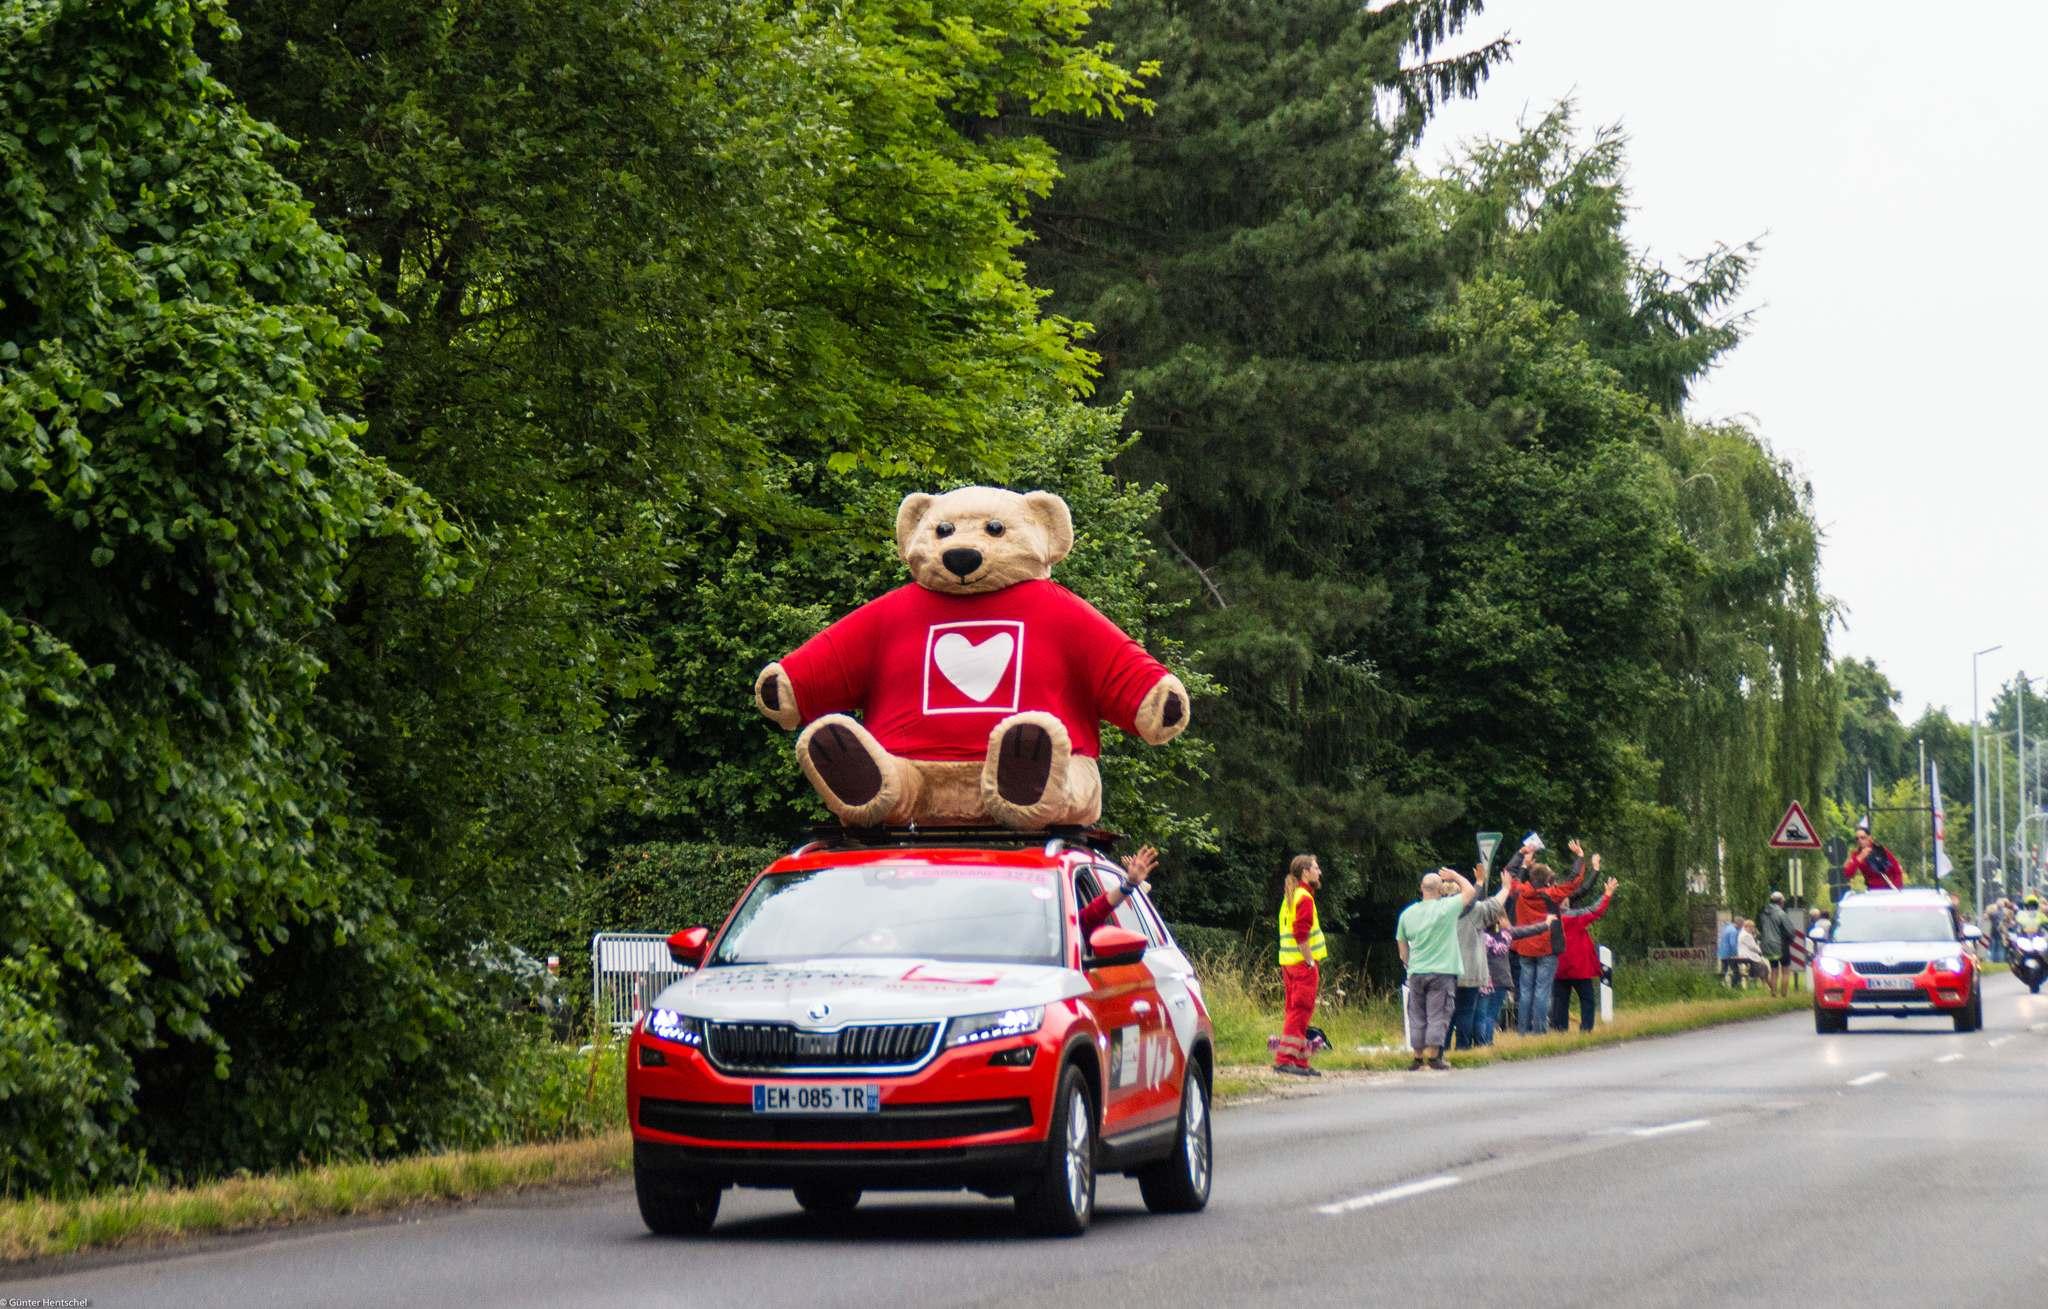 le tour17 Caravan Before the Start of the Tour de France   Dusseldorf